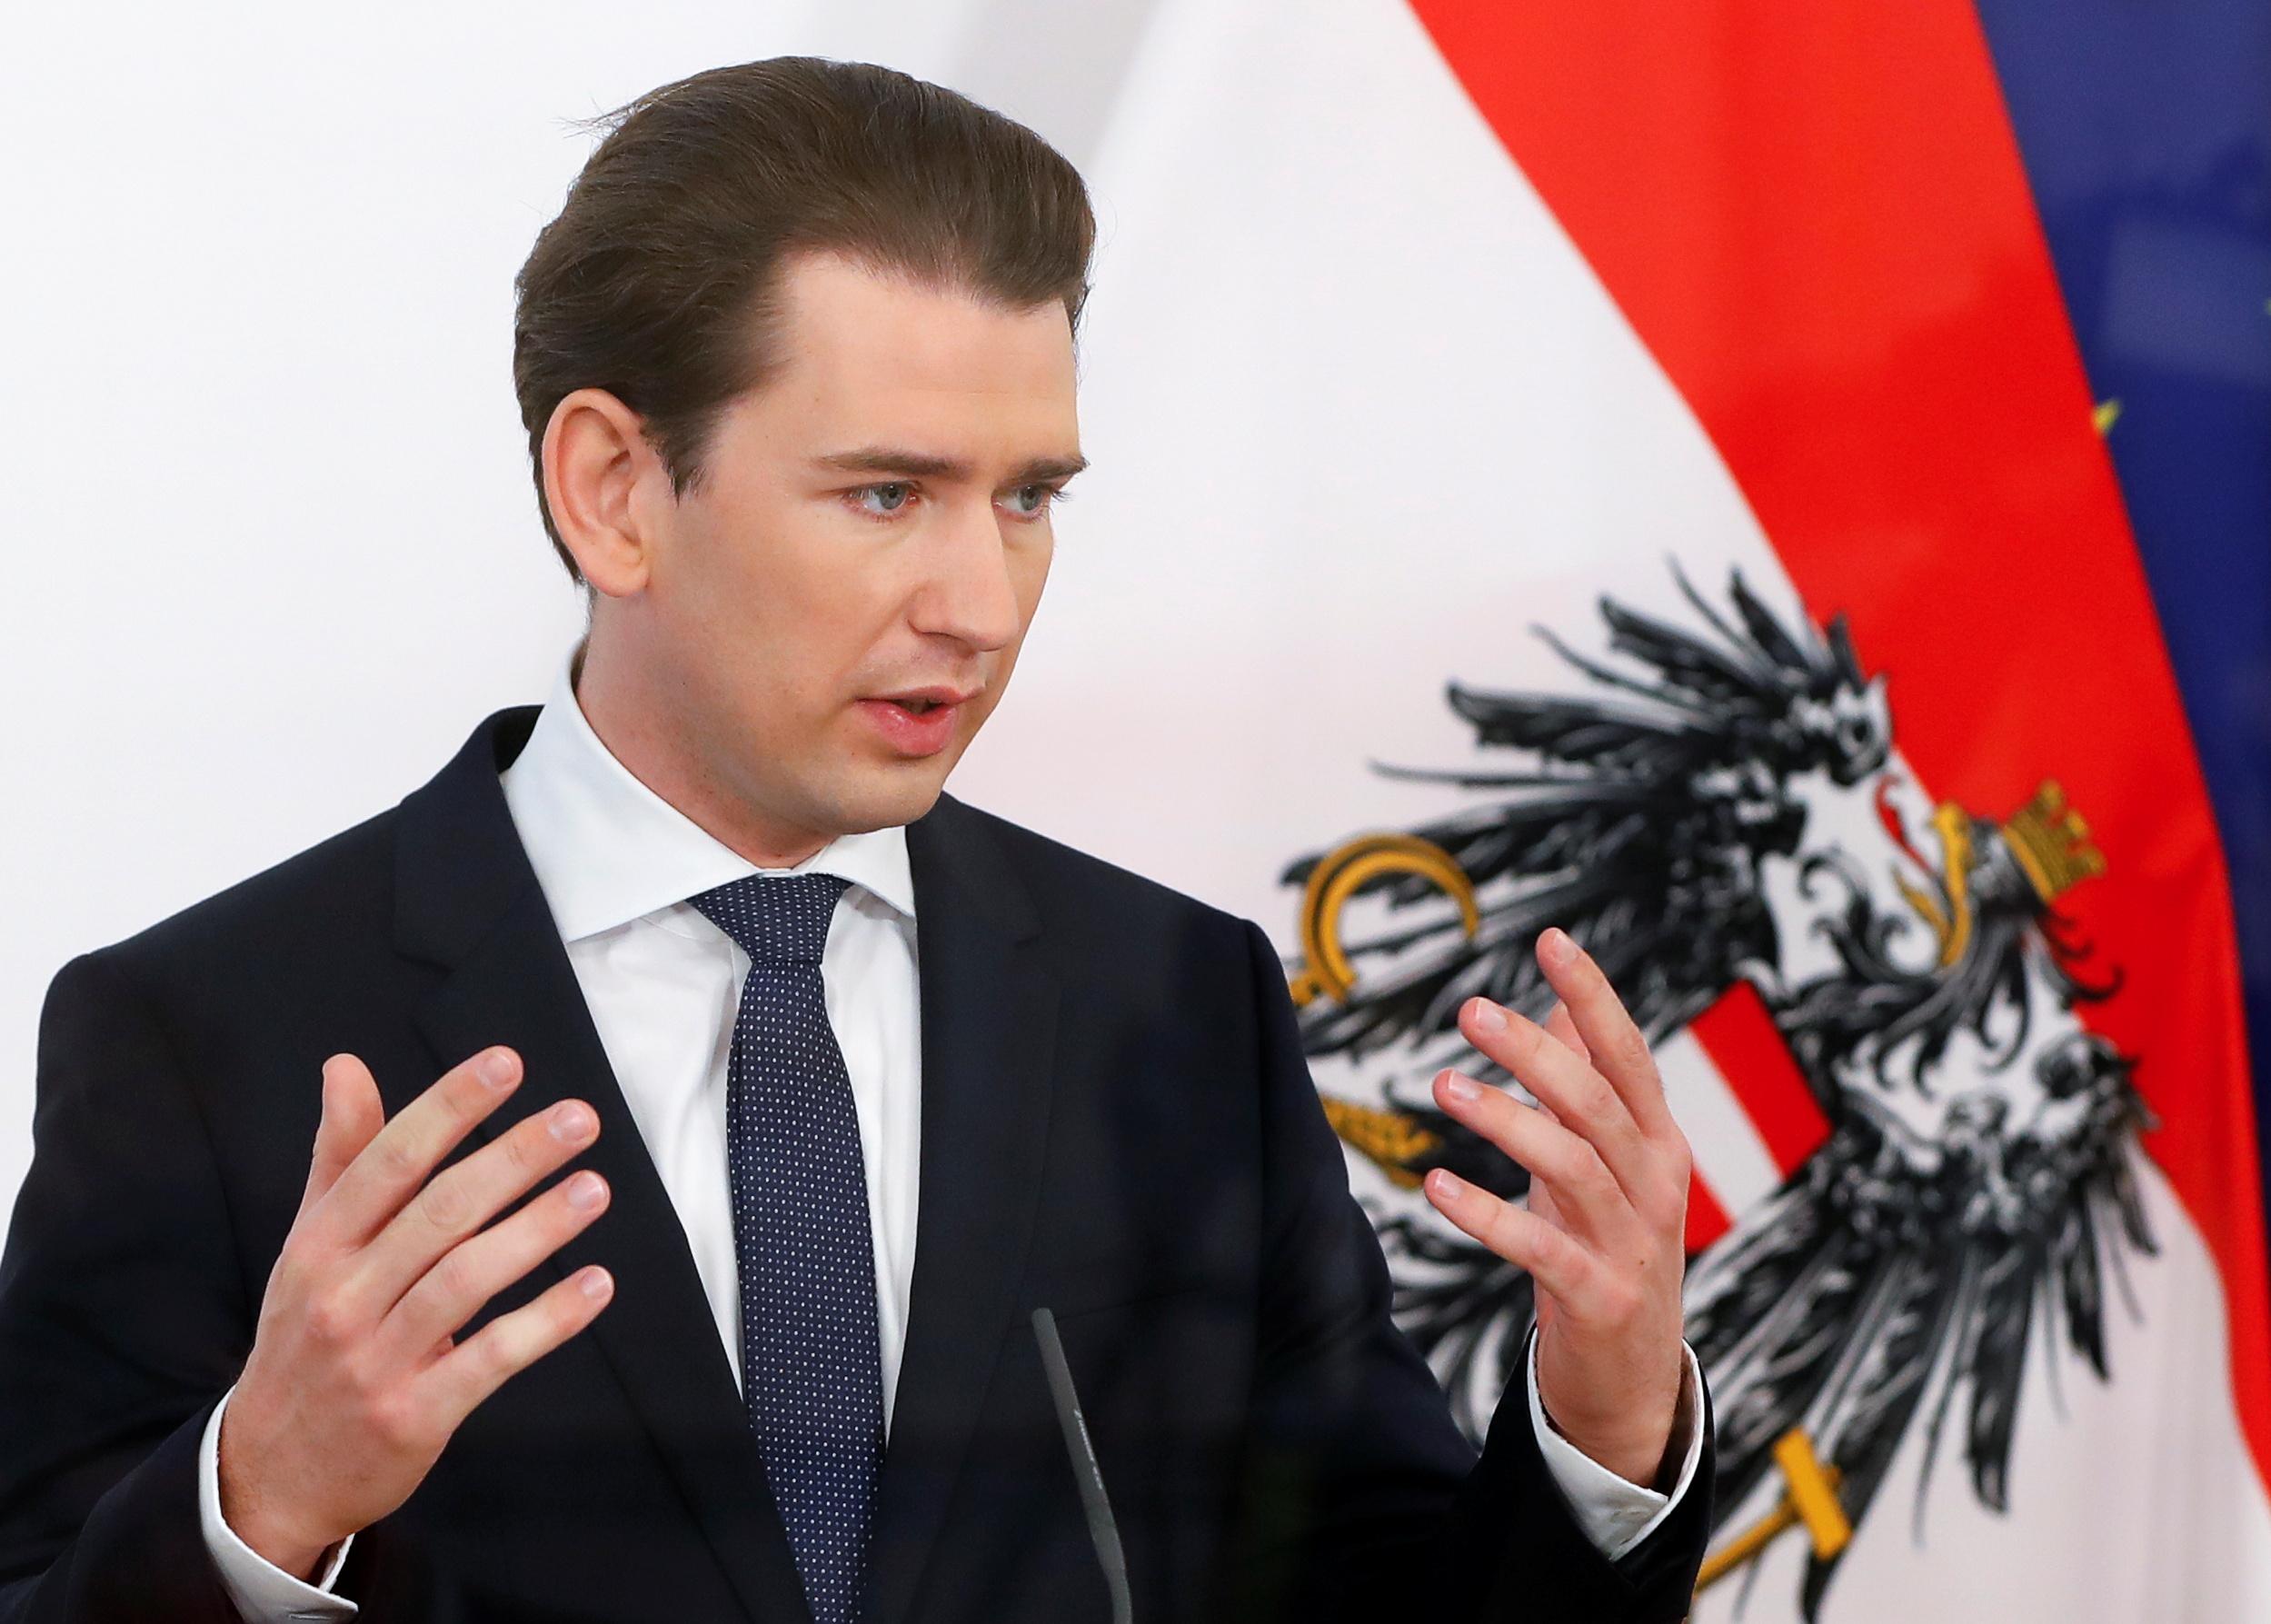 """Κορονοϊός- Αυστρία: """"Η πανδημία δεν έχει τελειώσει! Το καλοκαίρι η επιστροφή στην κανονικότητα"""""""